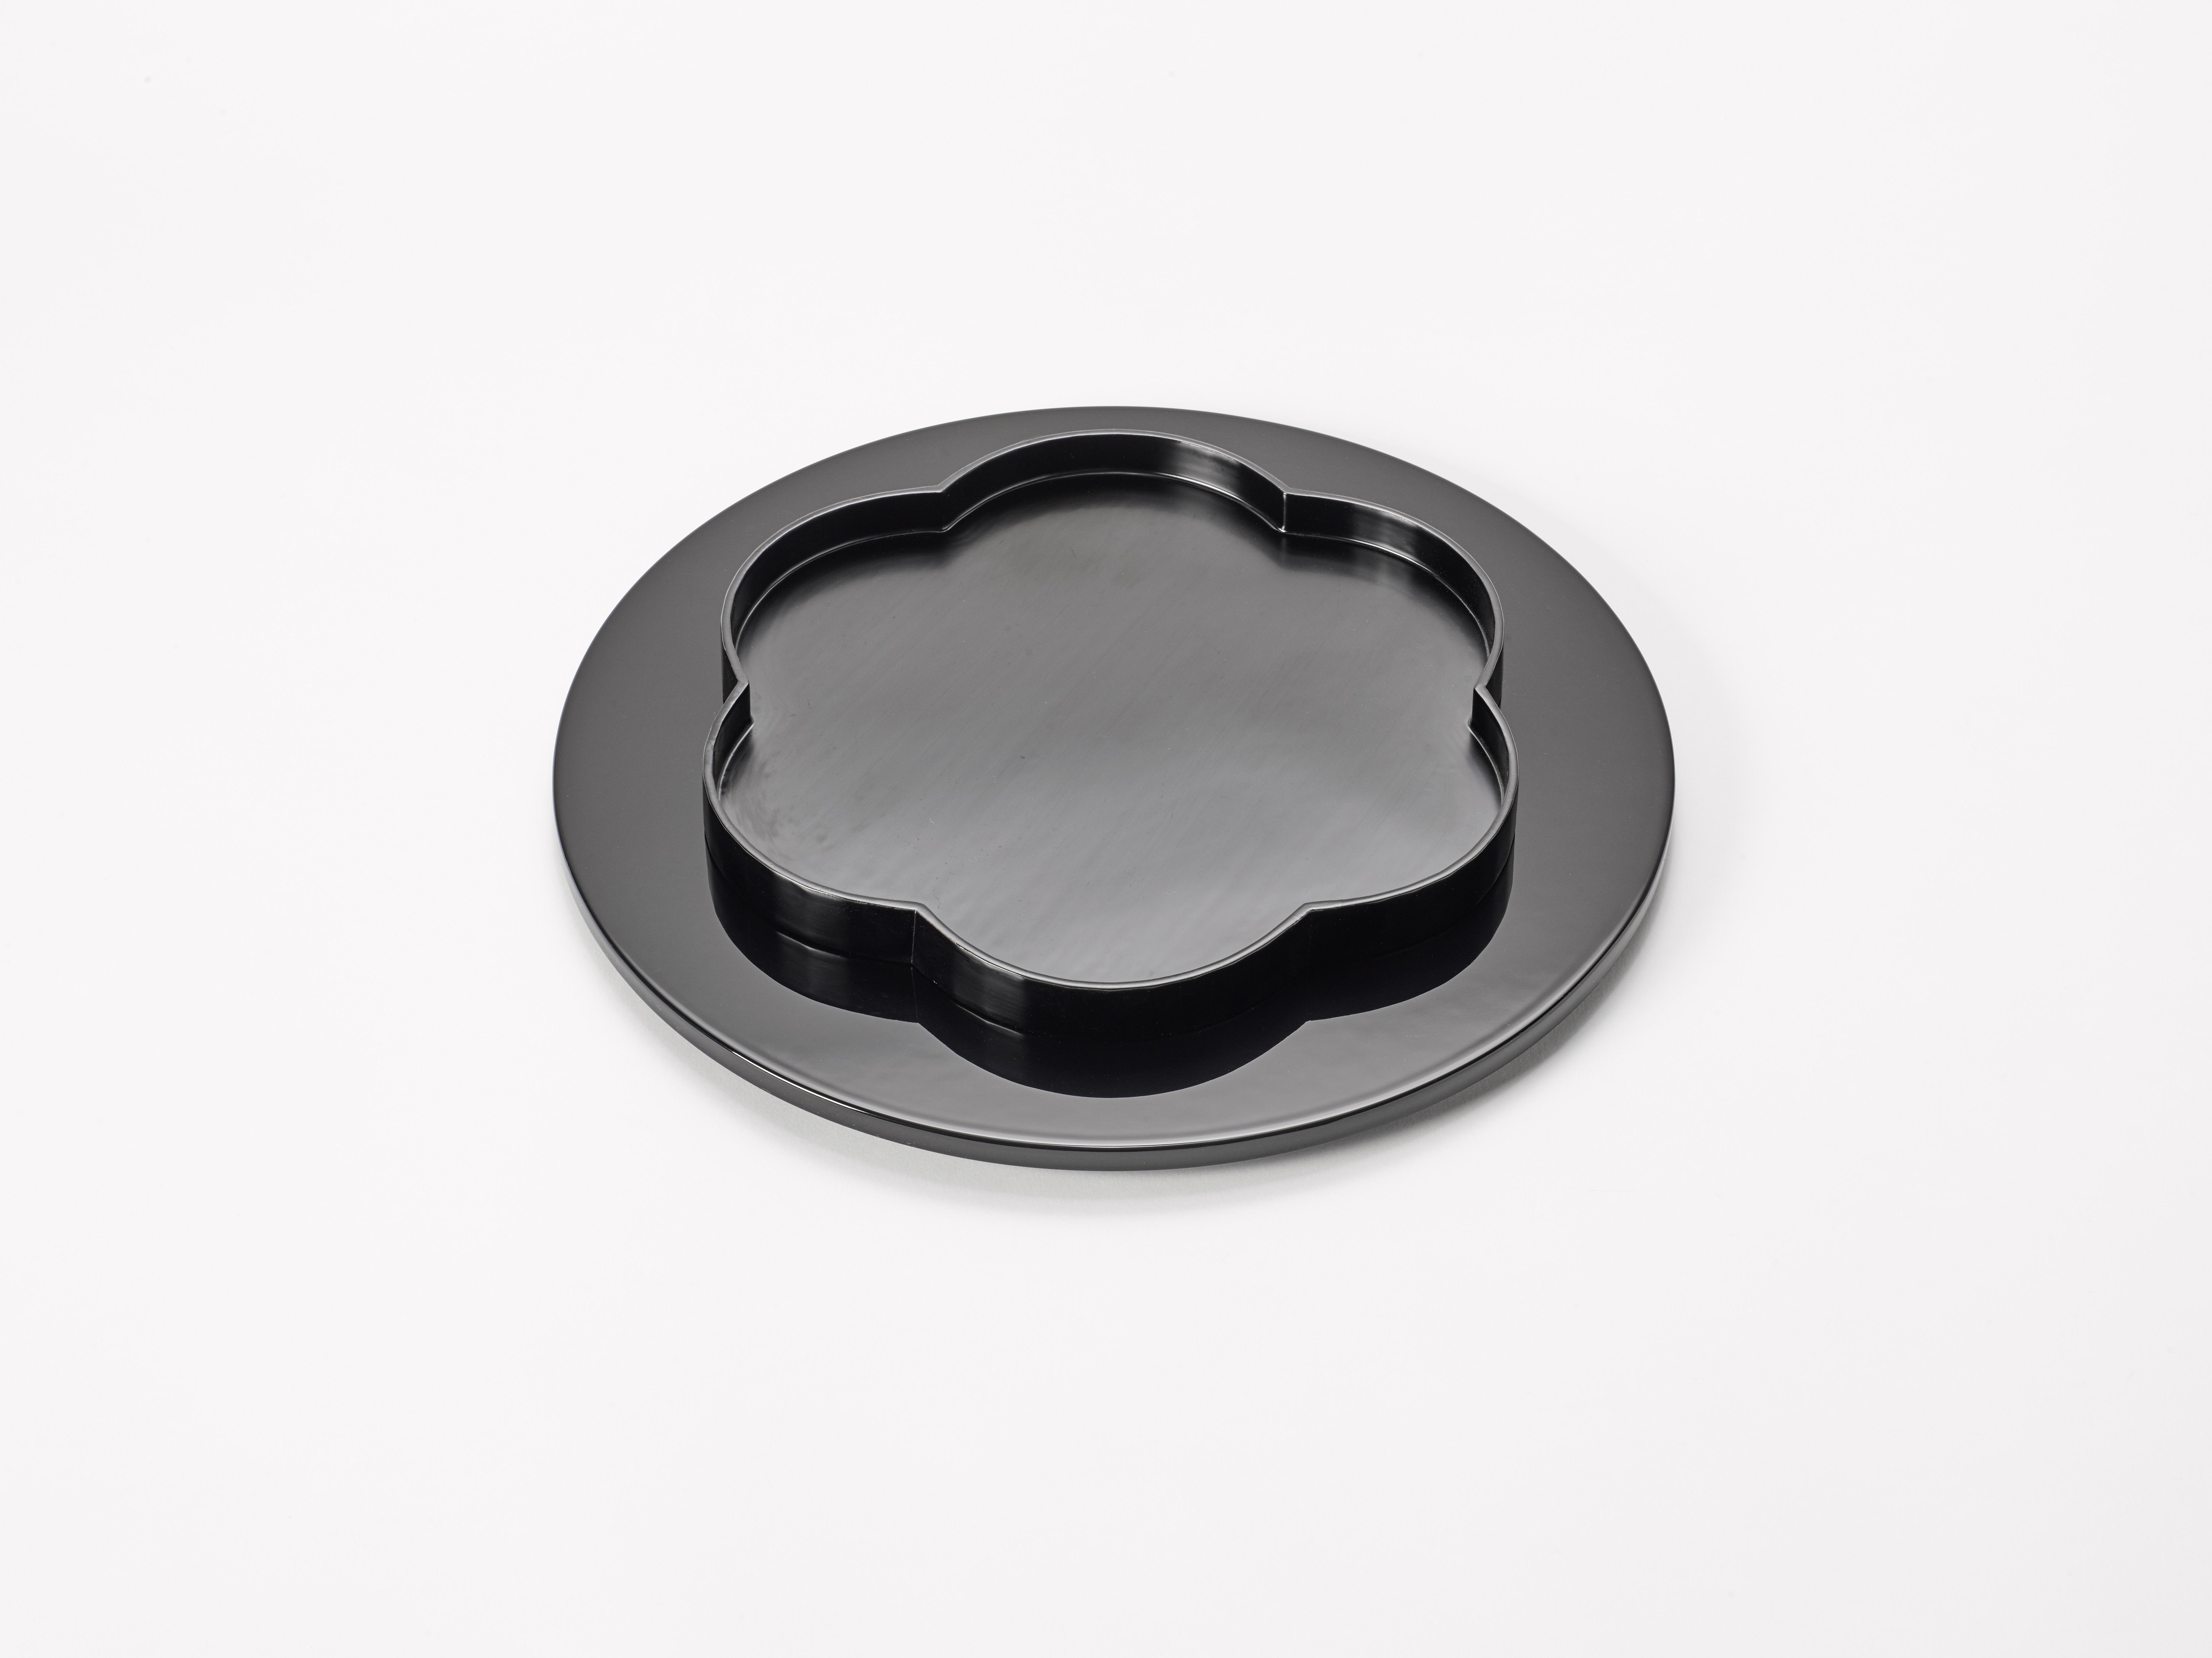 3. Margareta Daepp: Schwarze Blume auf Kreis